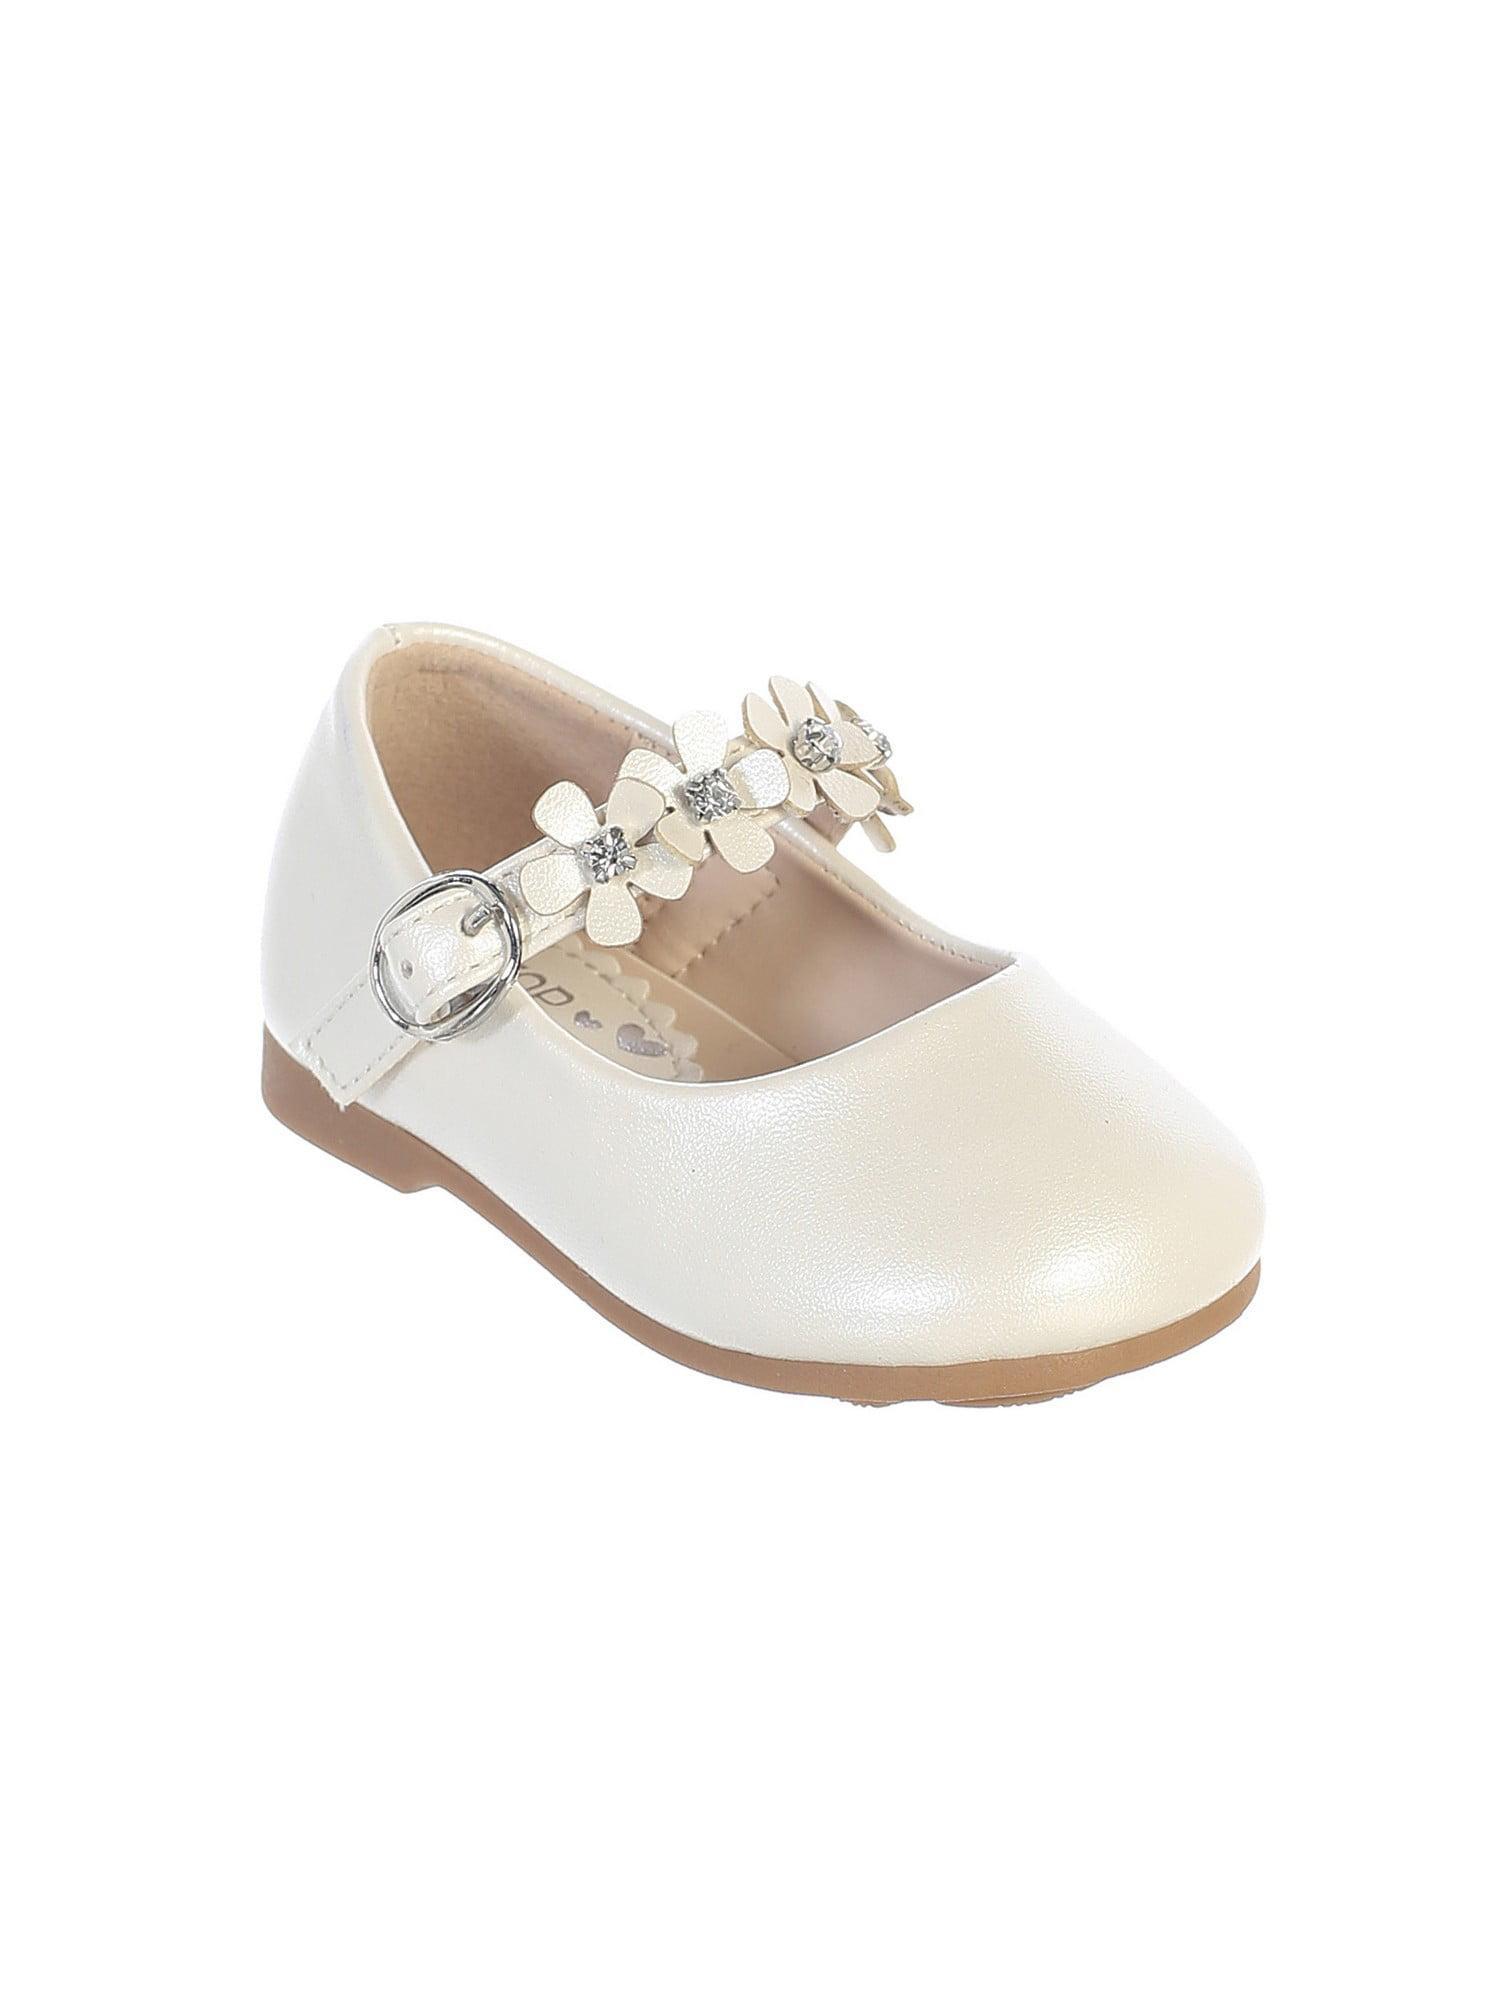 Girls Ivory Flower Embellished Strap Leatherette Mary Jane Shoes